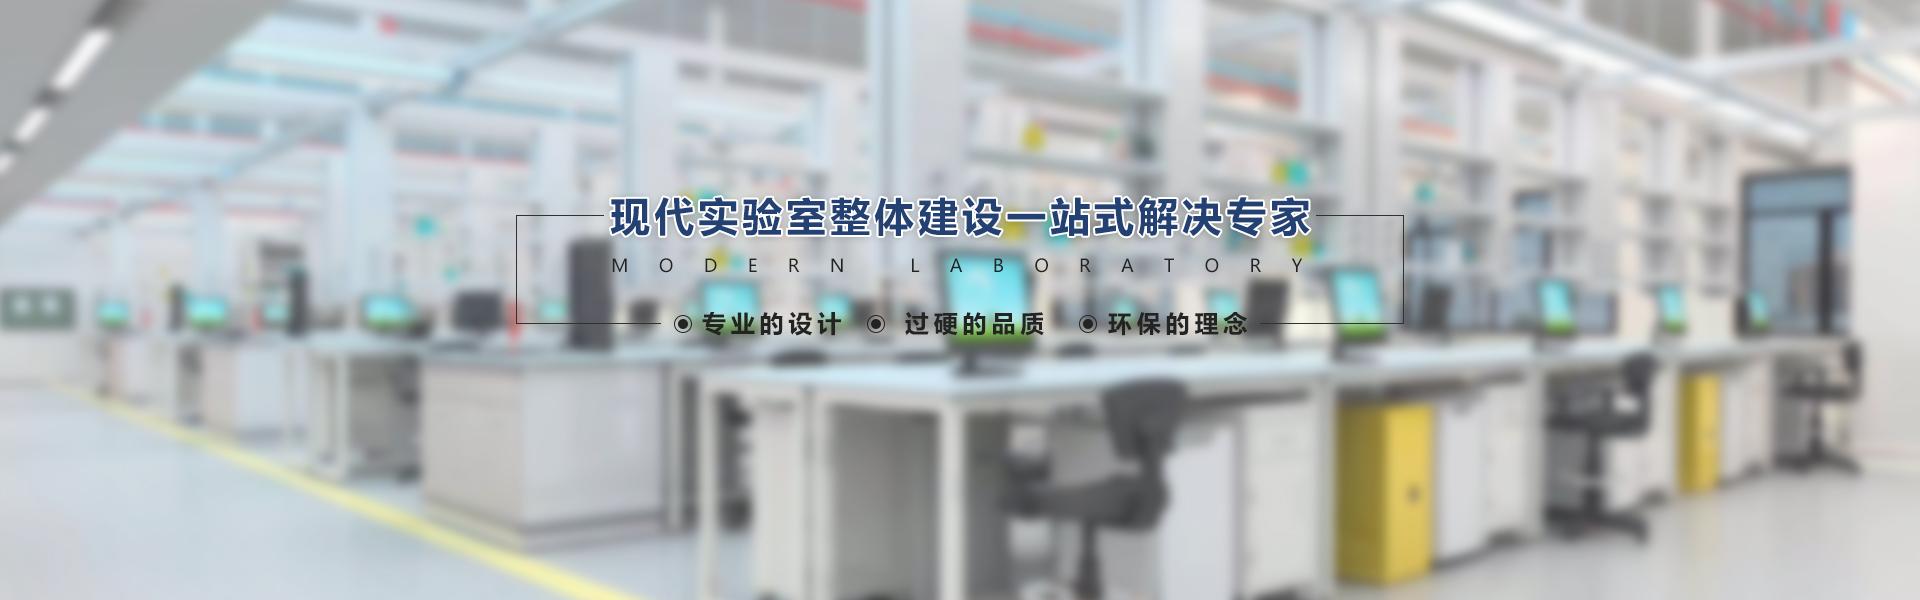 重庆实验台柜